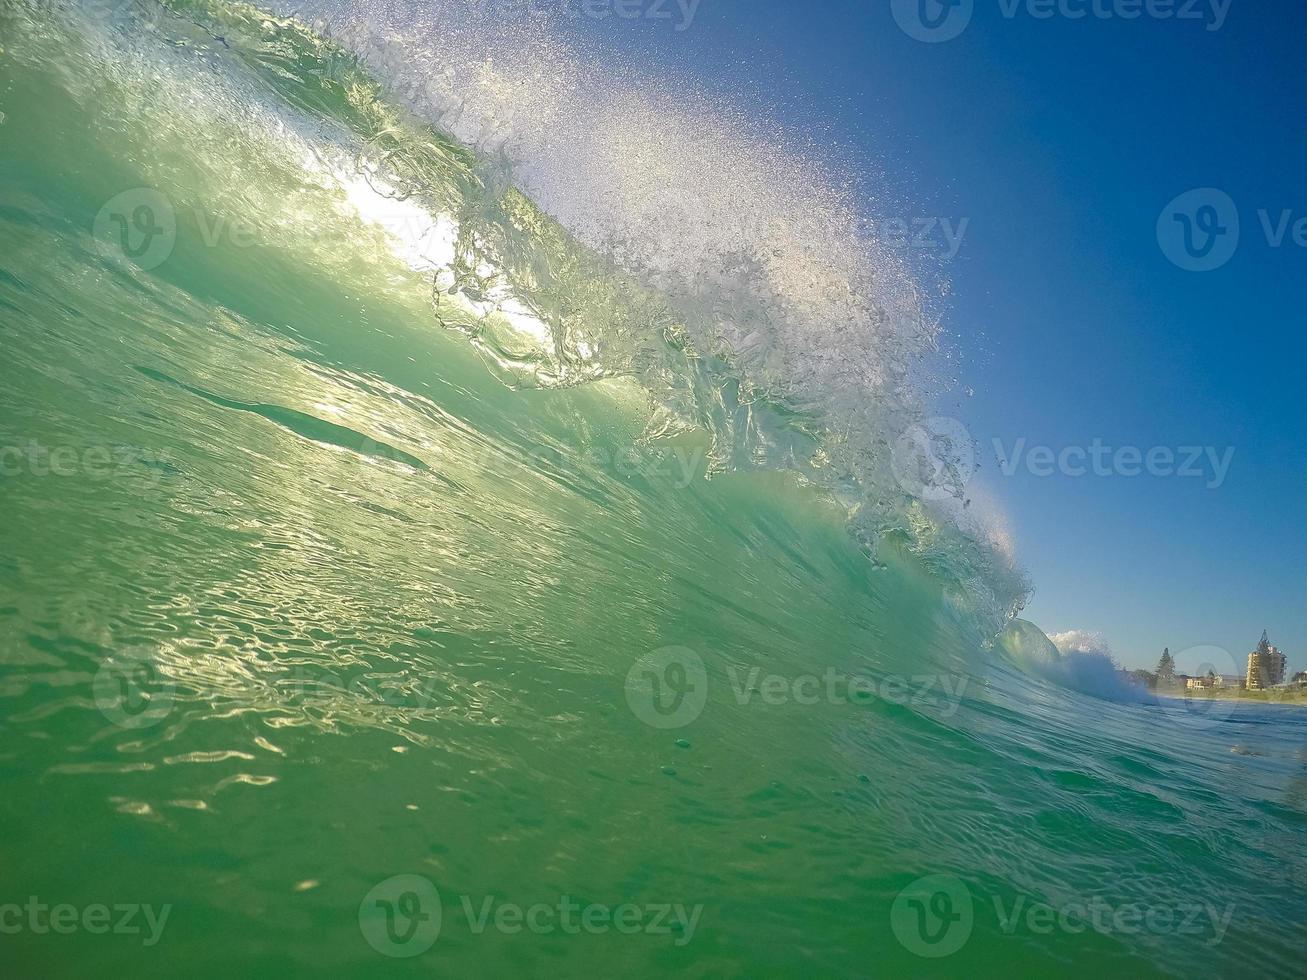 grüne Welle, die am Strand gegen einen blauen Himmel bricht foto